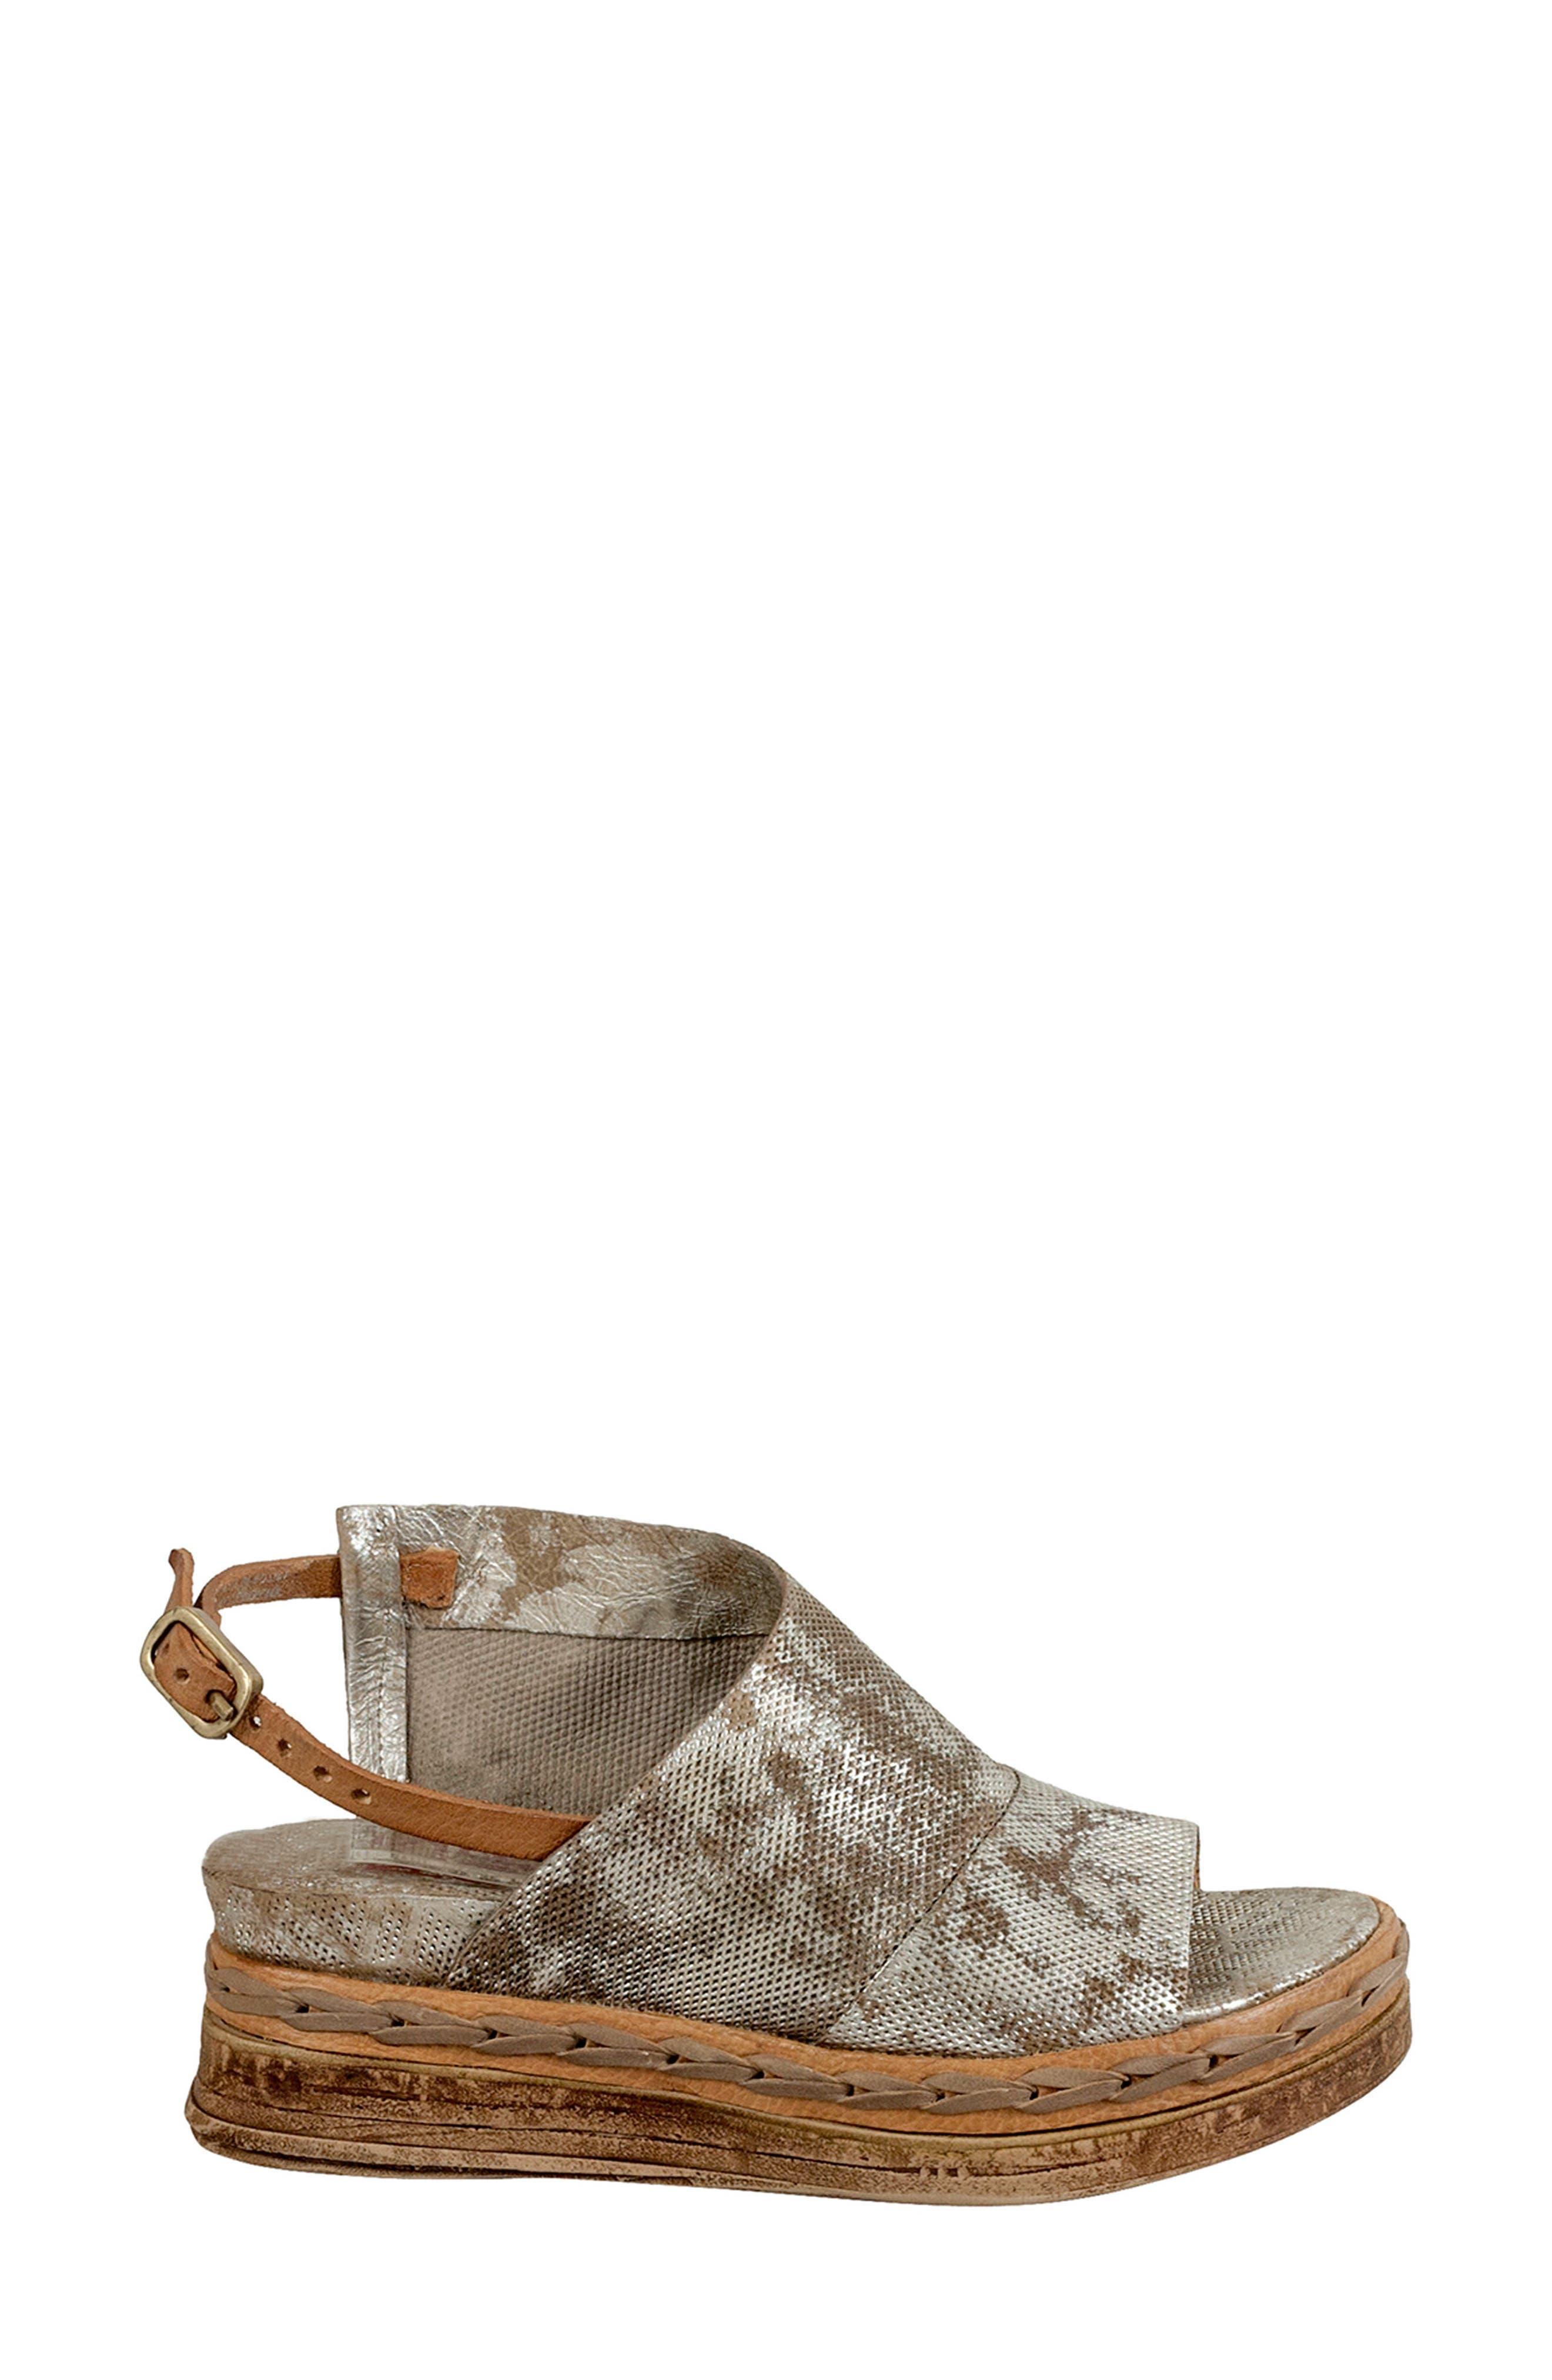 Lira Platform Sandal,                             Alternate thumbnail 3, color,                             042